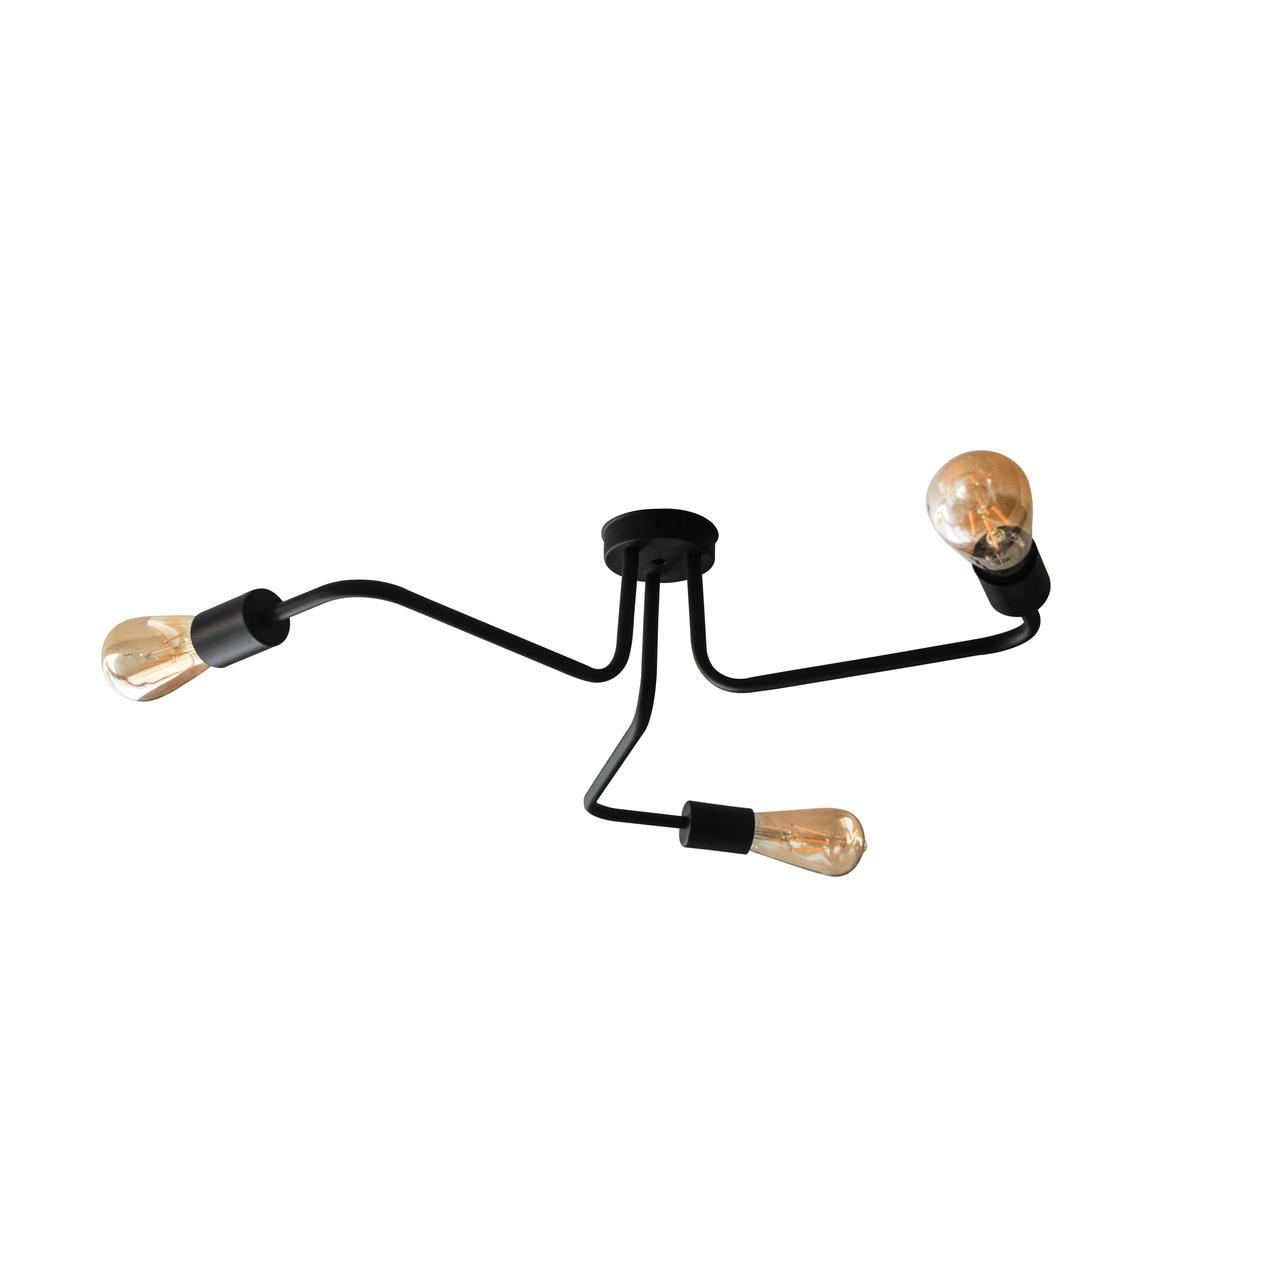 Люстра паук NL 6060/3 MSK Electric